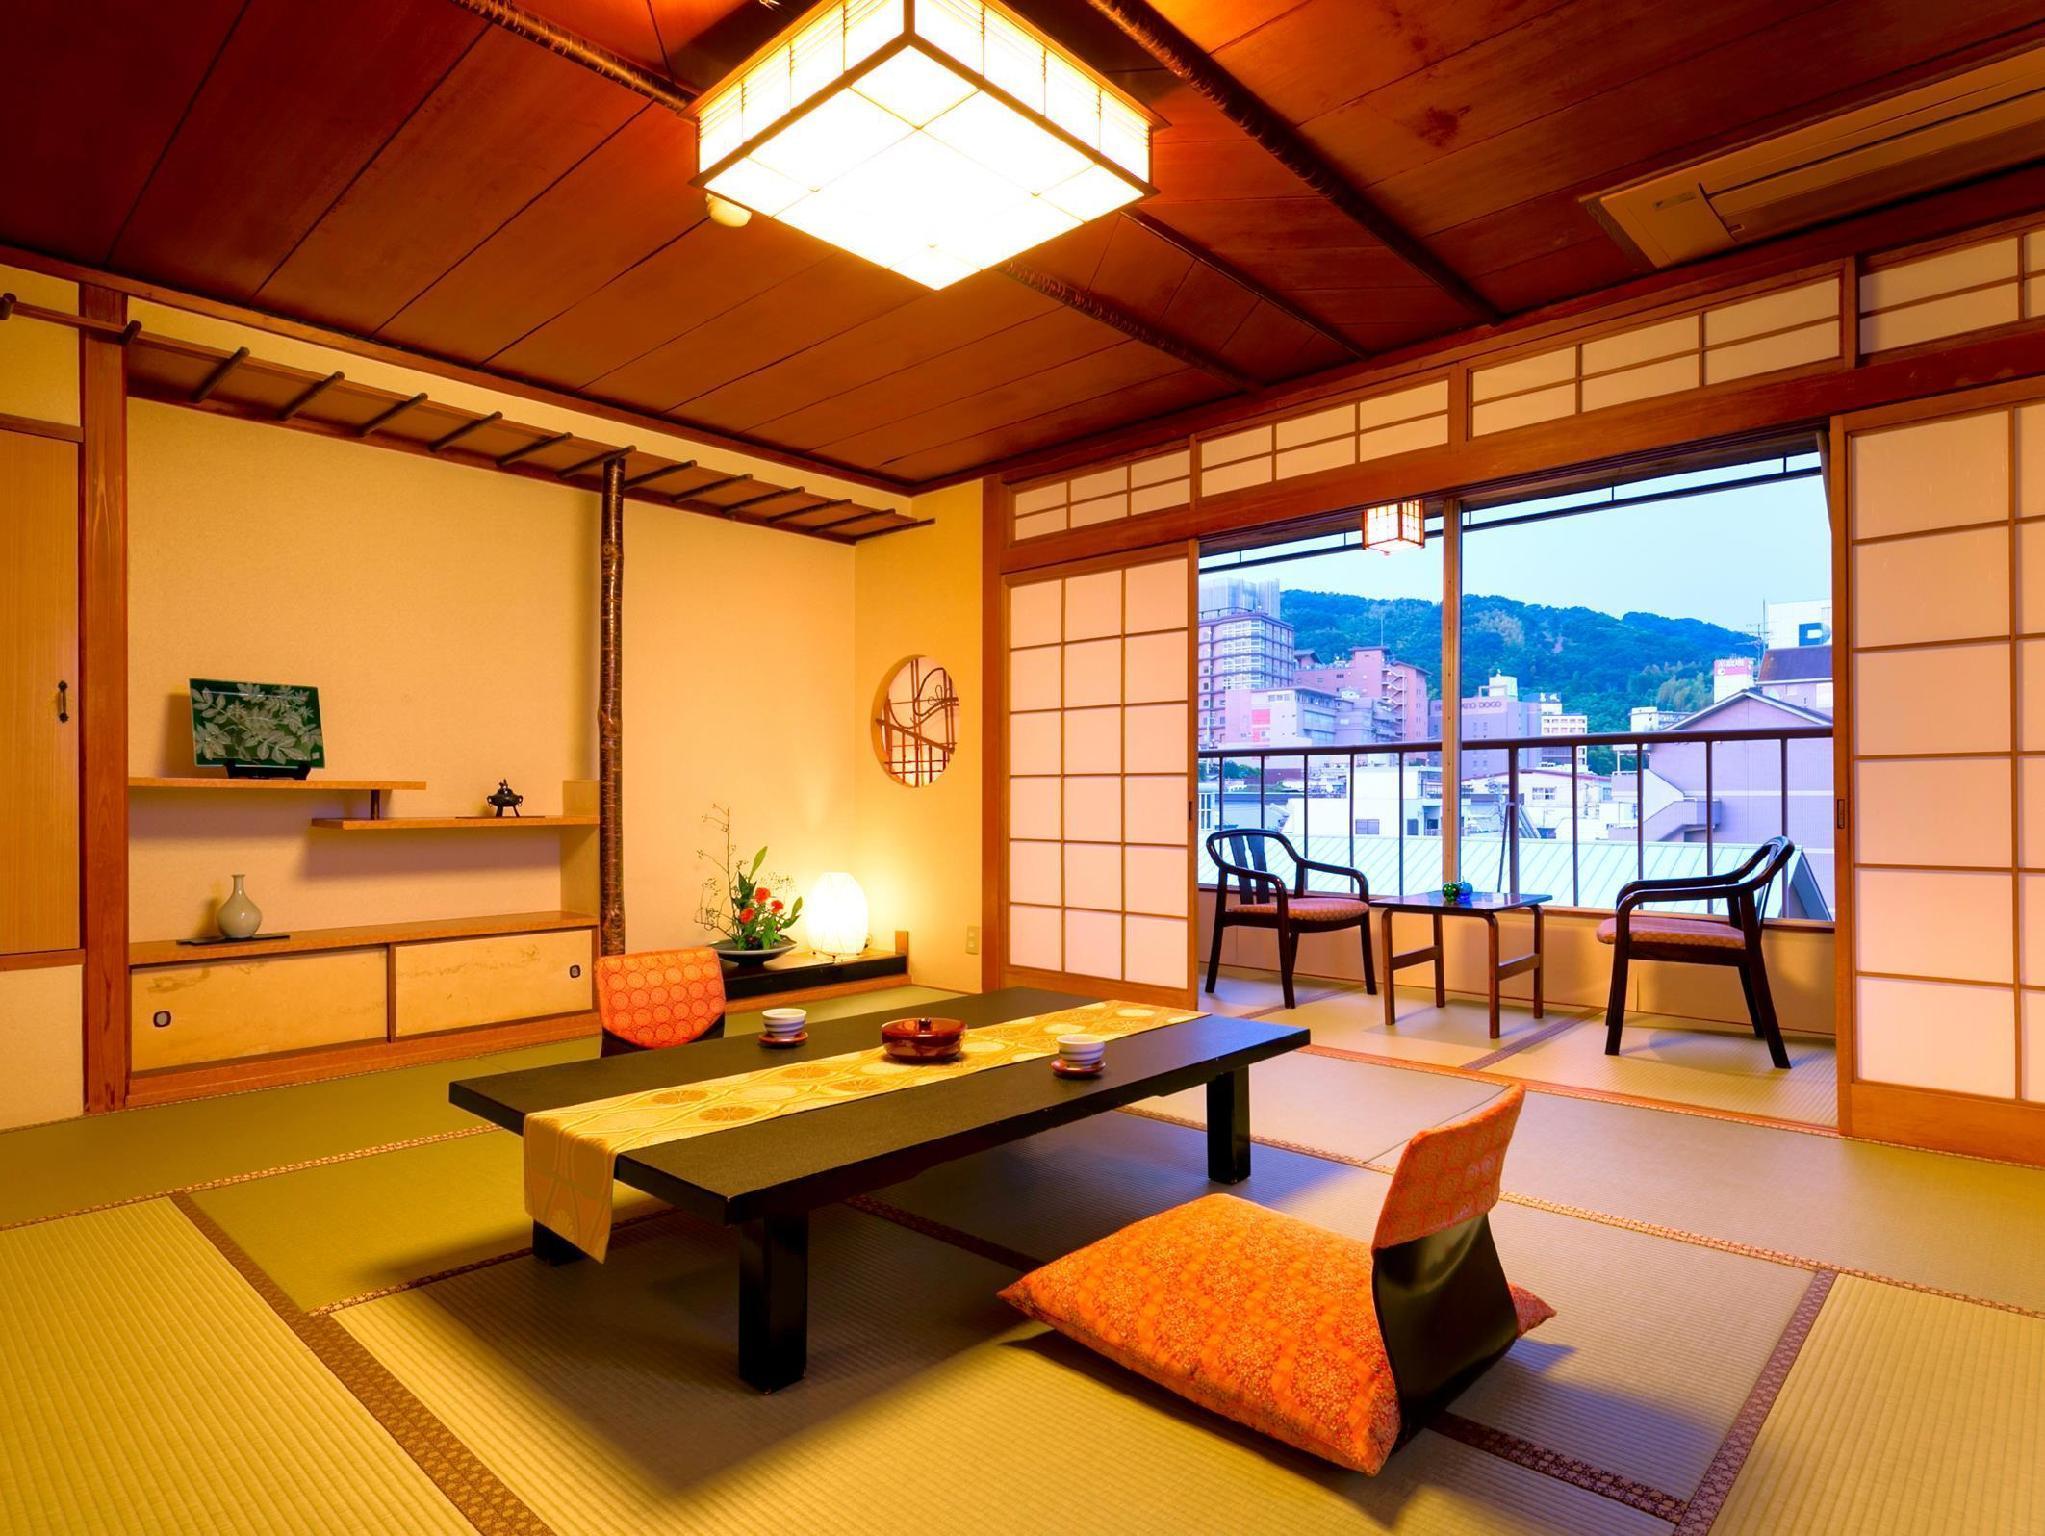 Facq Salle De Bain Zaventem ~ Dogo Onsen Dogo Grand Hotel Matsuyama Offres Sp Ciales Pour Cet H Tel